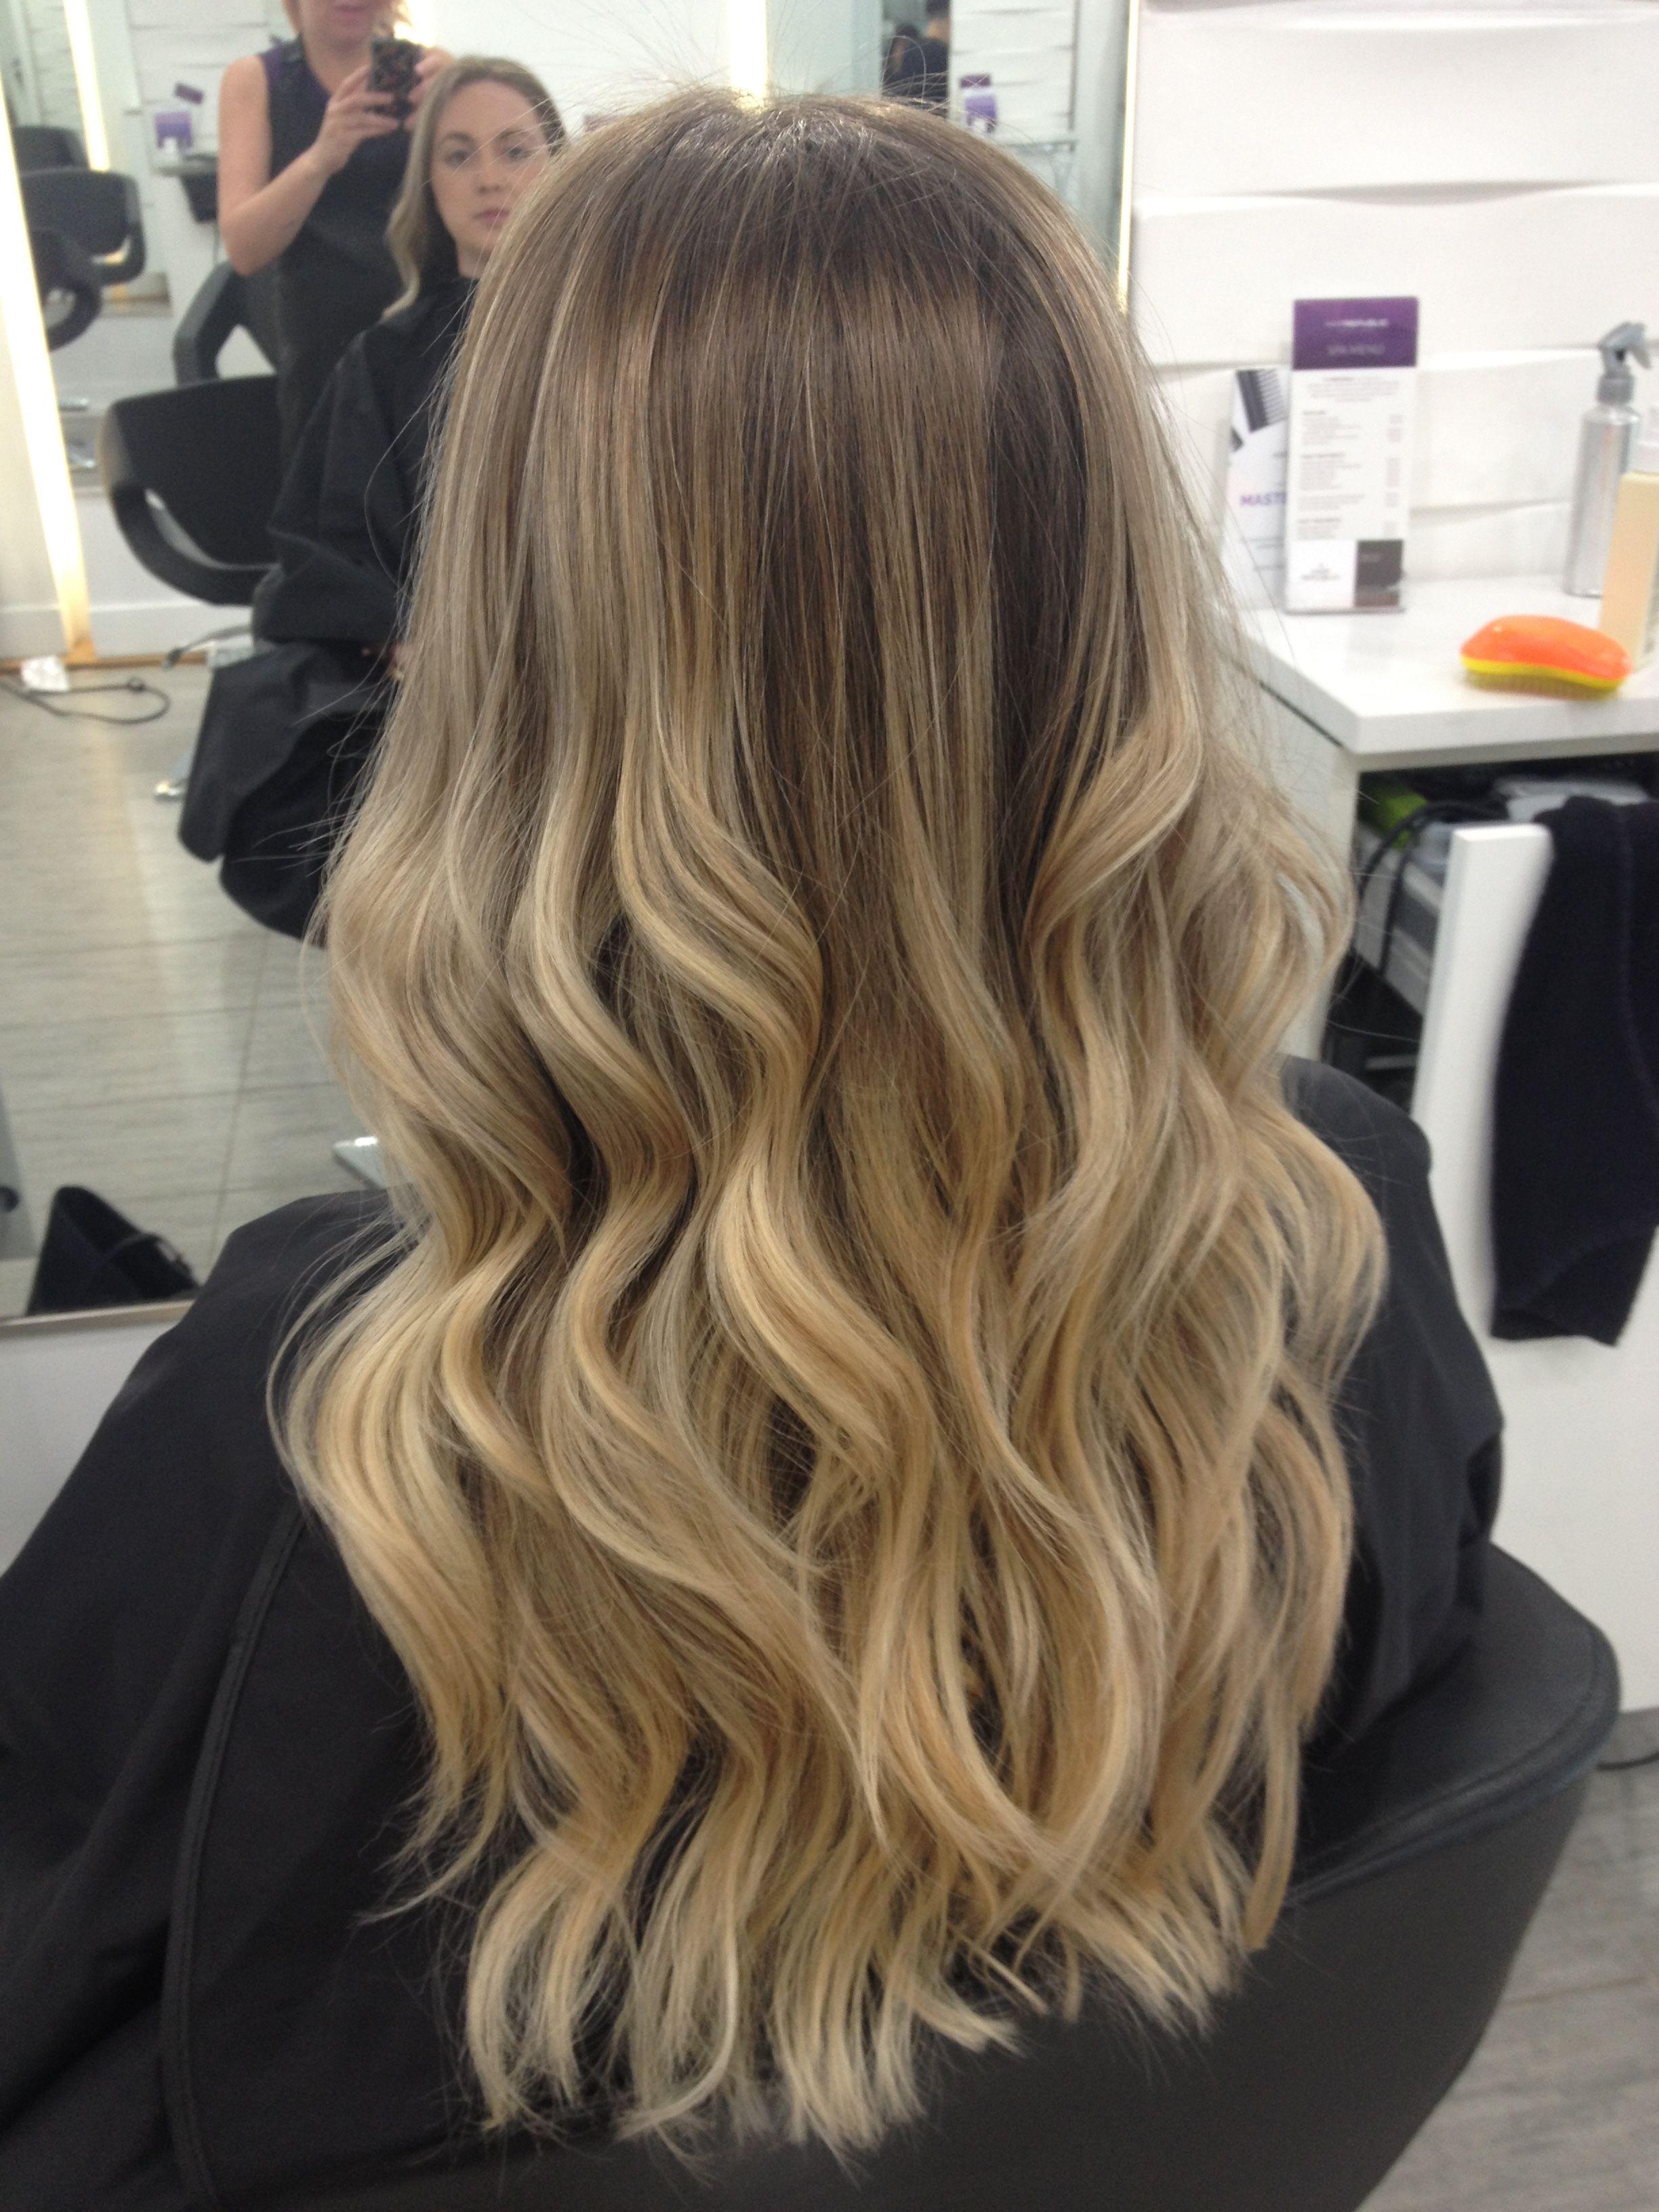 Blonde Balayage Summer Highlights Balayage Hair Cabello Hair Blonde Balayage